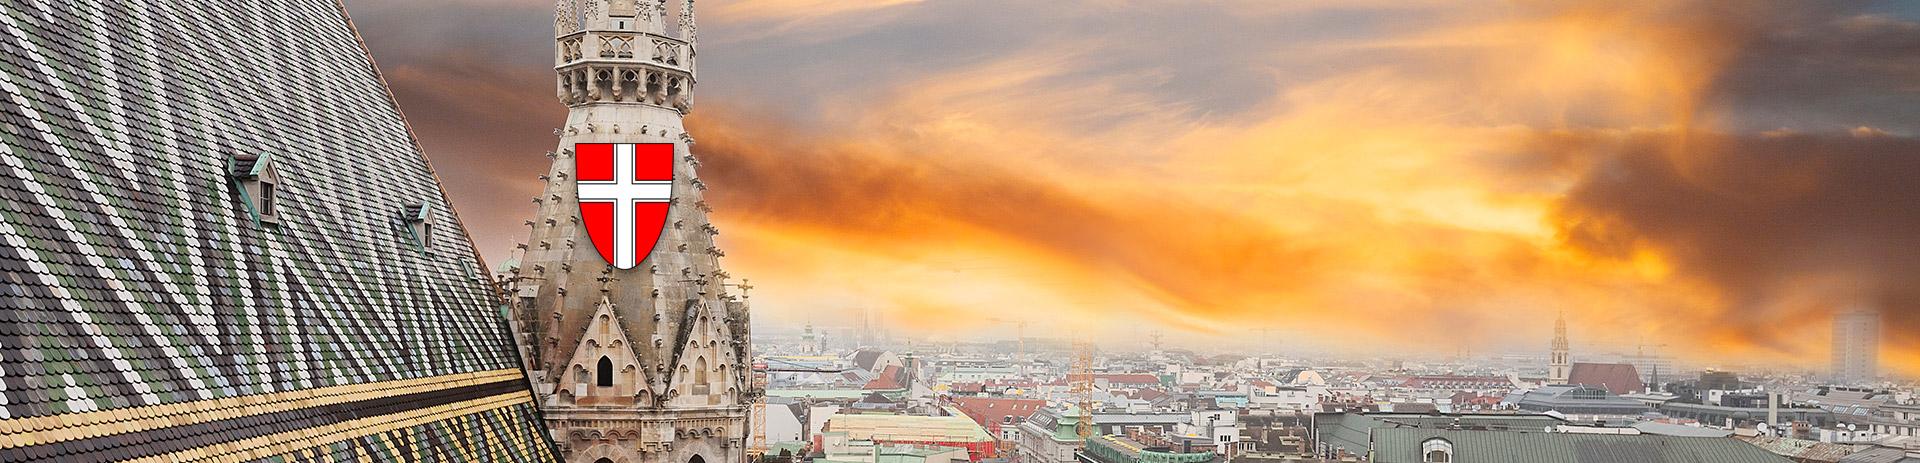 Wiener Stephansdom und Ausblick auf Wien mit Wienwappen